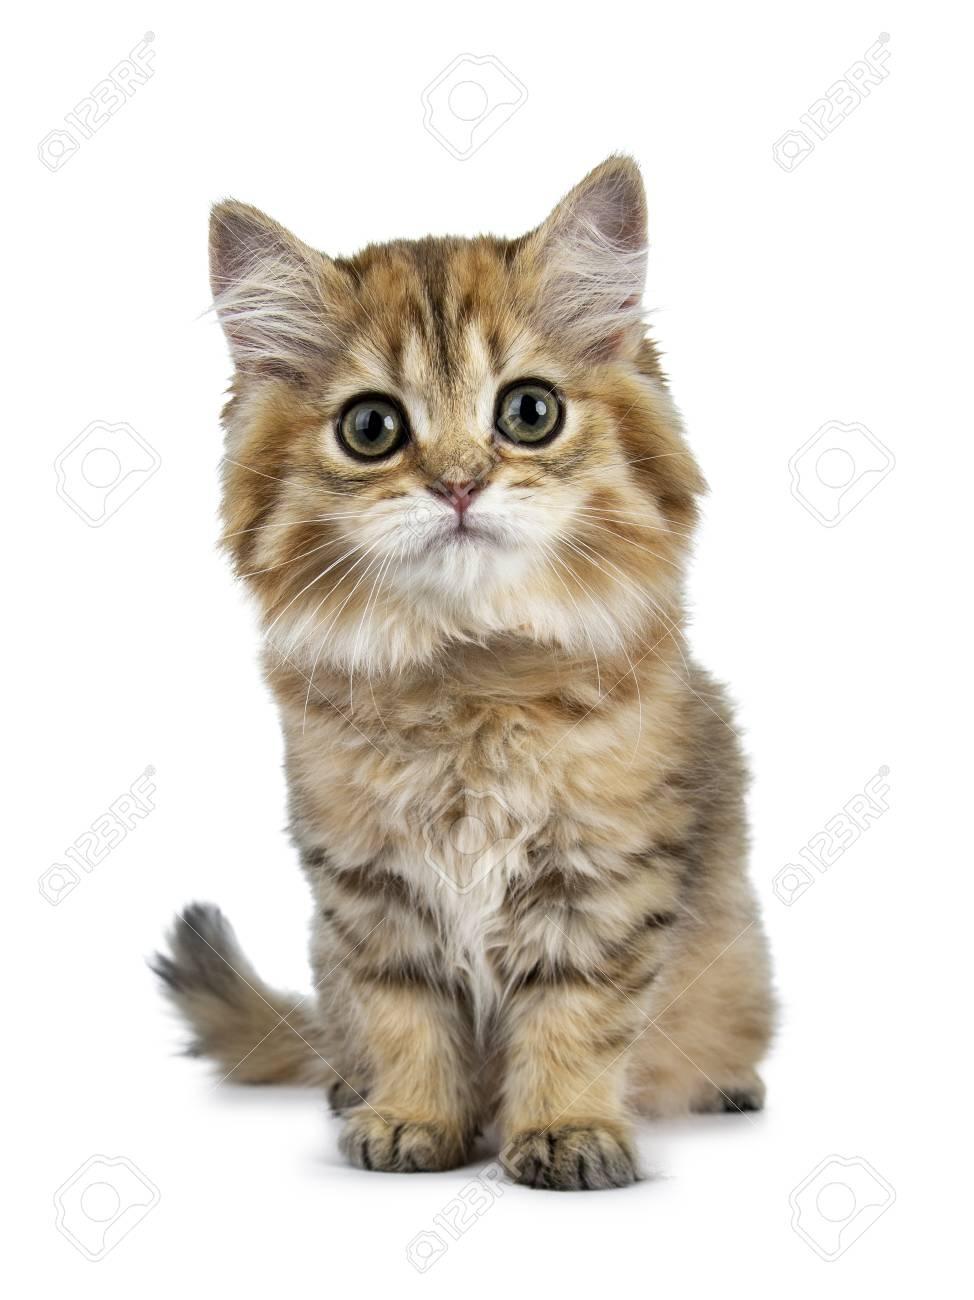 Nieuw Super Adorable Golden British Longhair Cat Kitten Sitting Facing JC-13